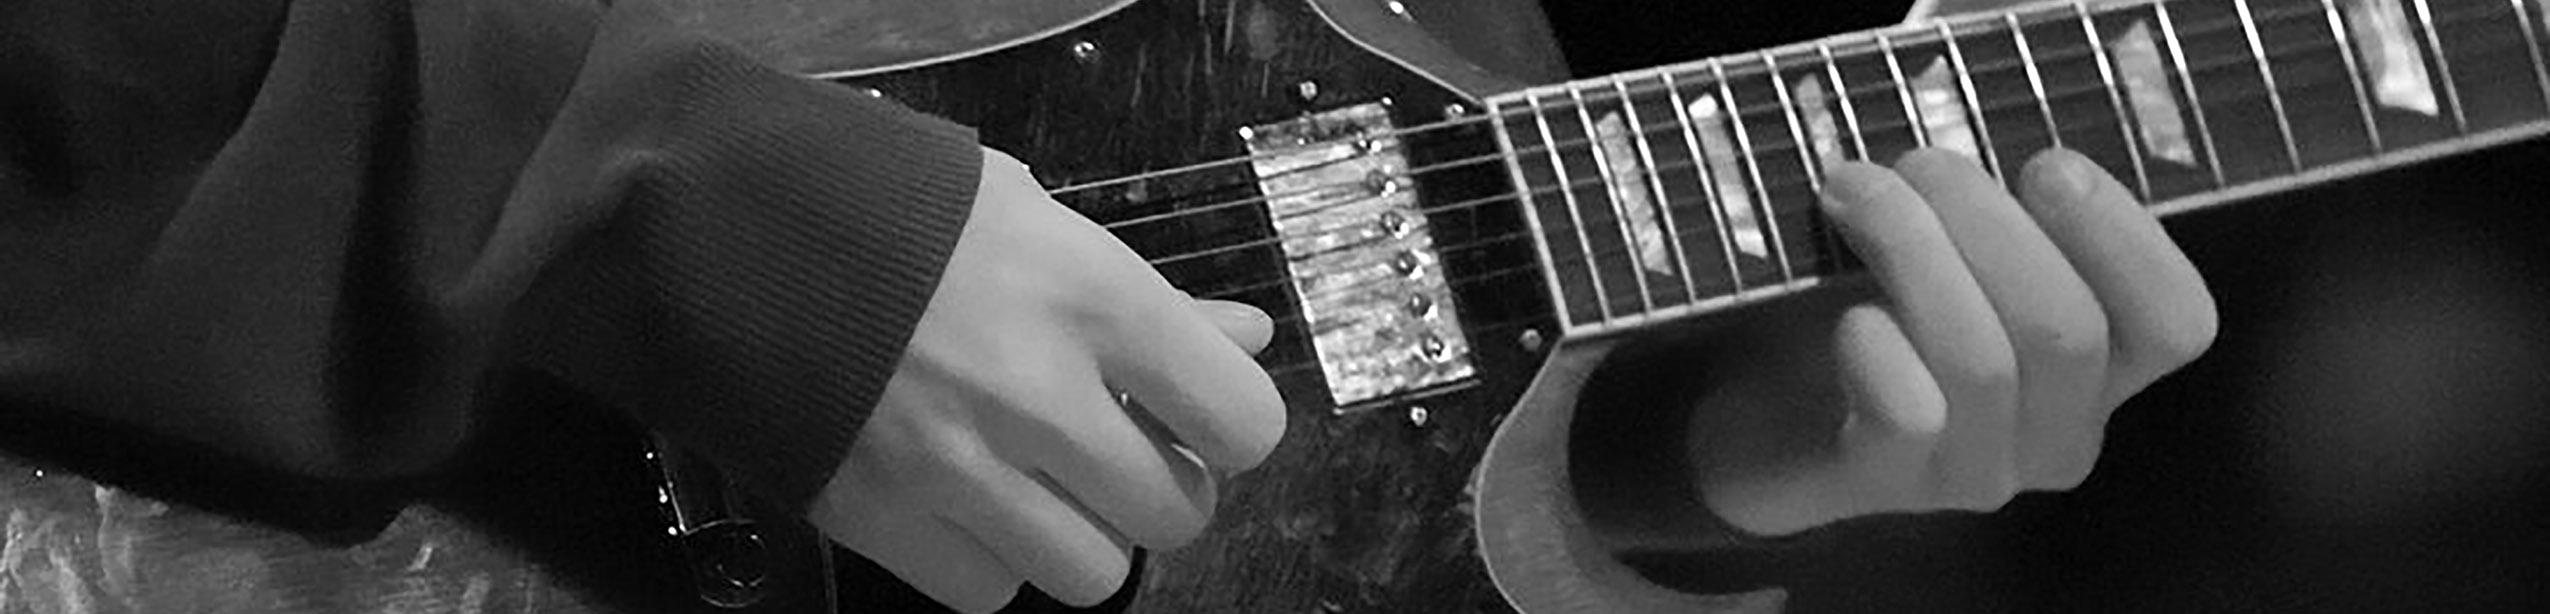 guitar-banner